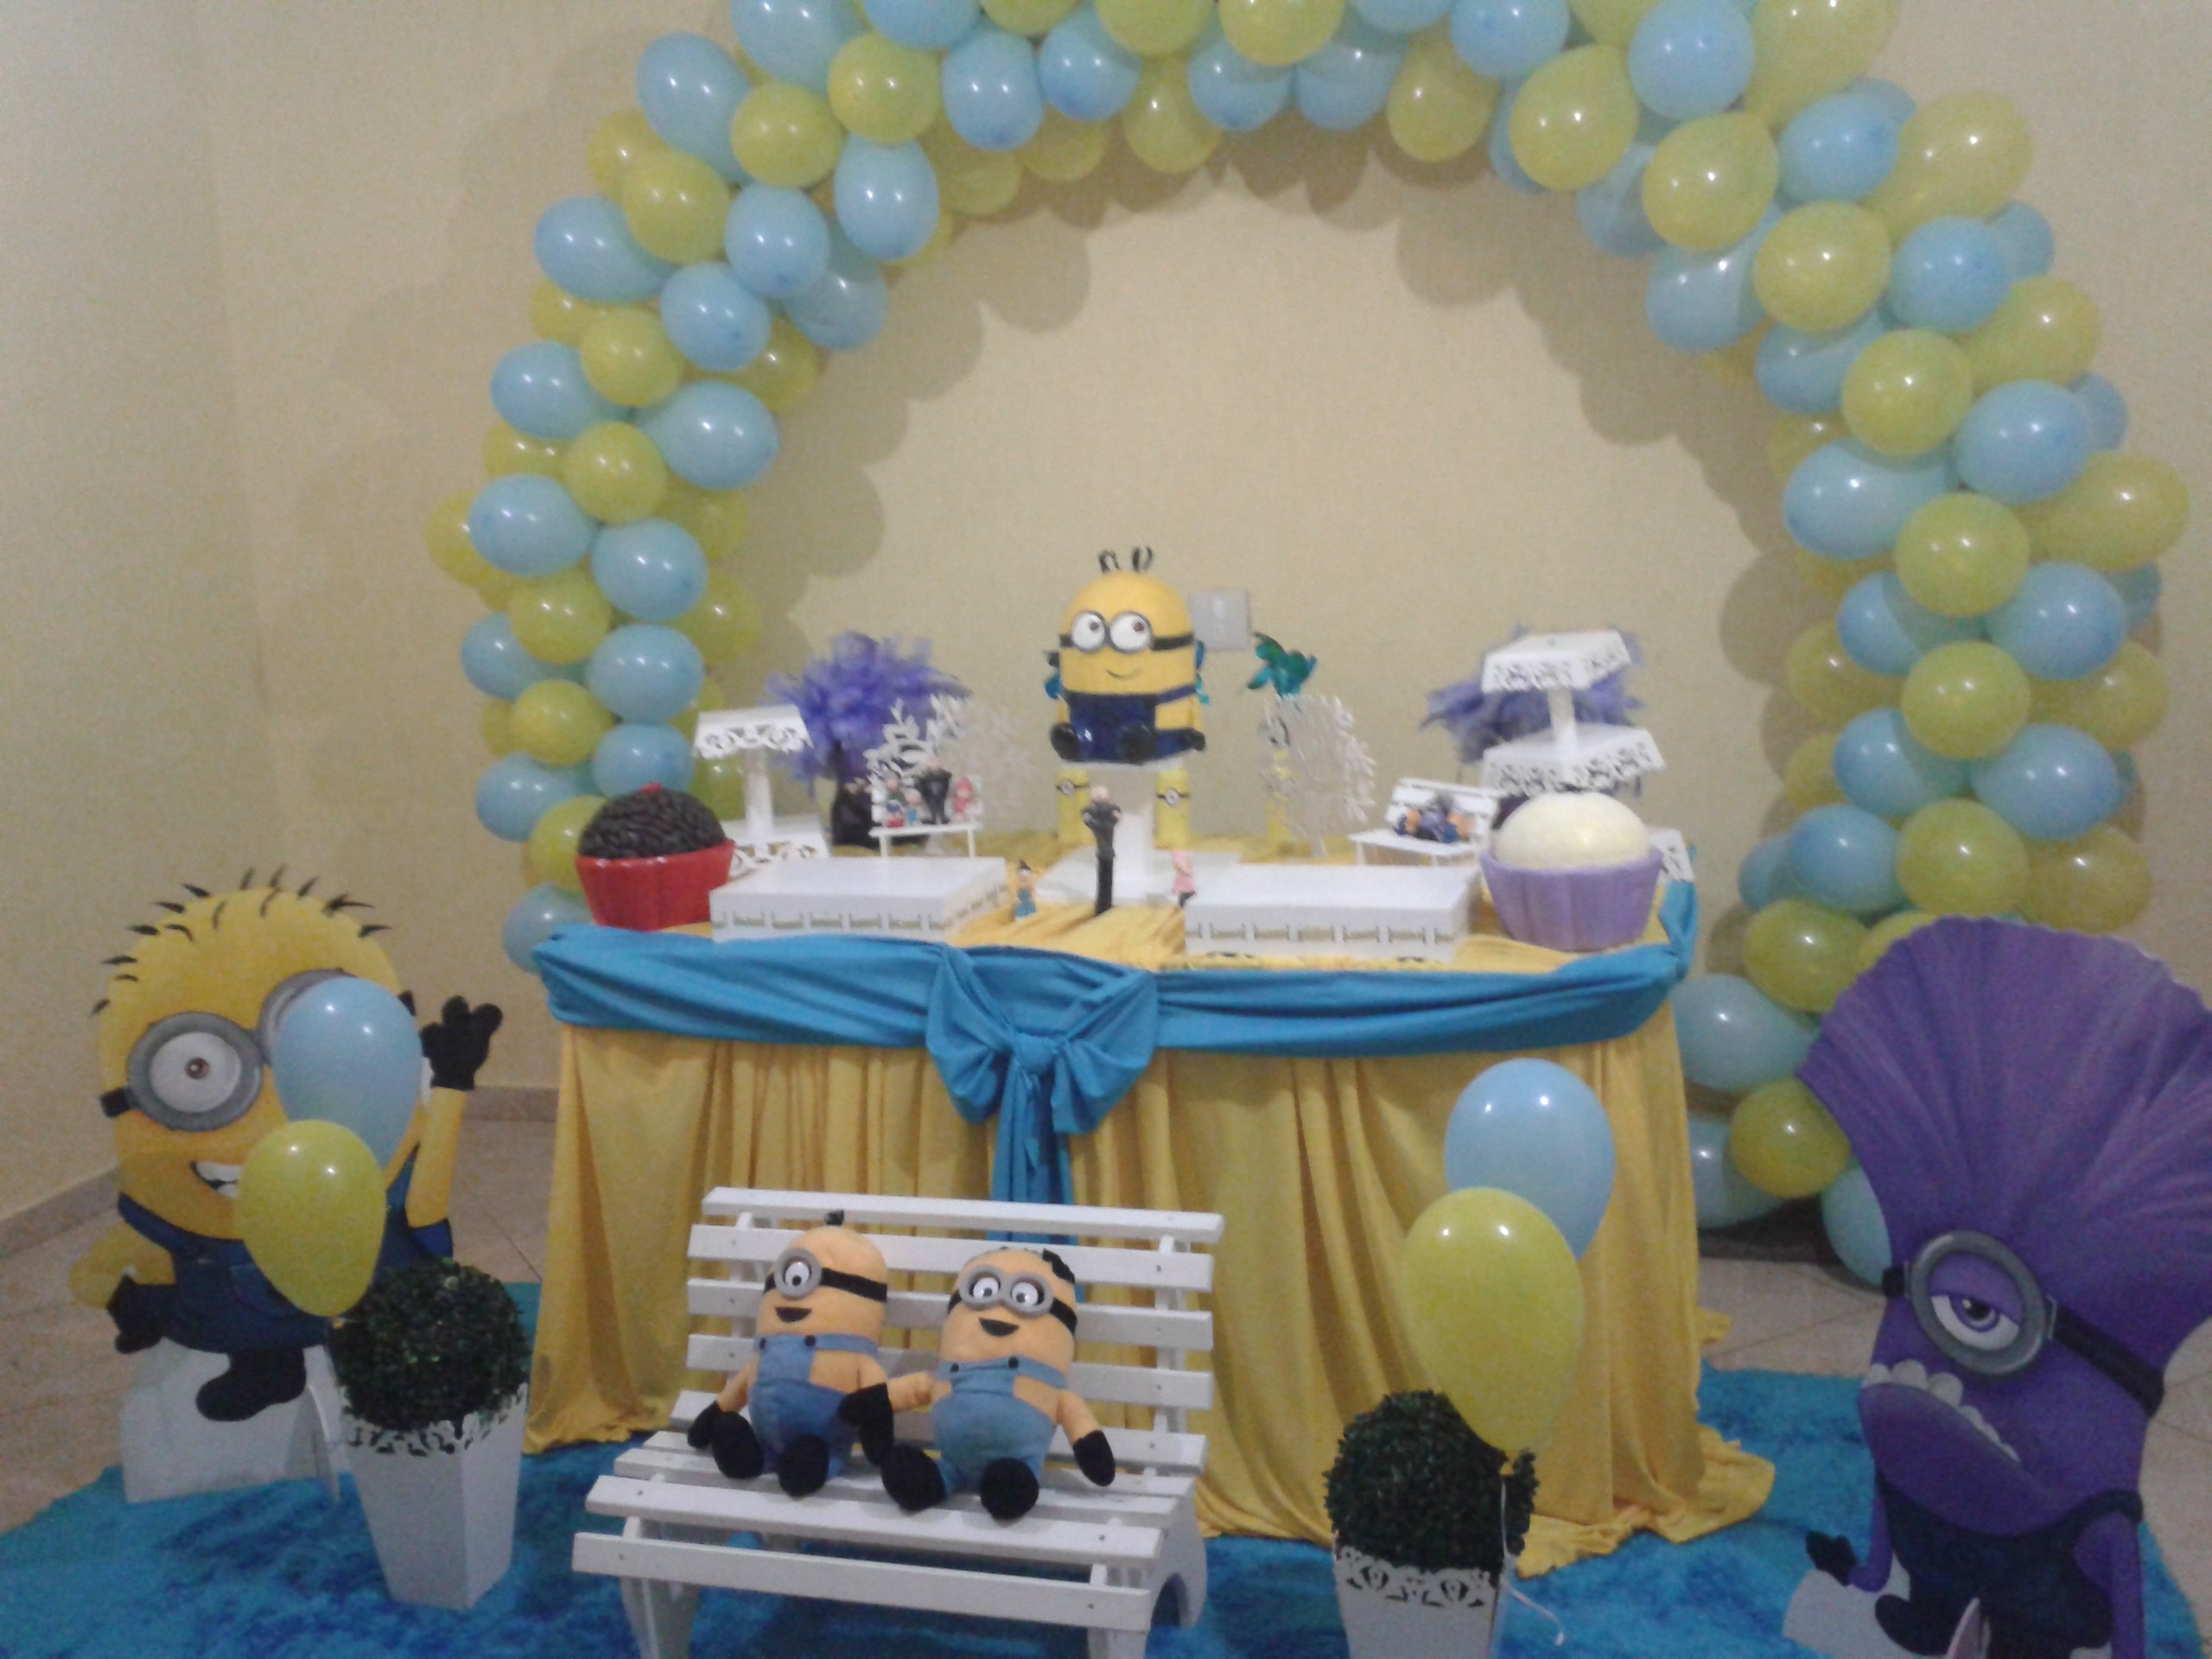 decoracao festa minions:Minions Decoração Provençal Minions Decoração Provençal Minions